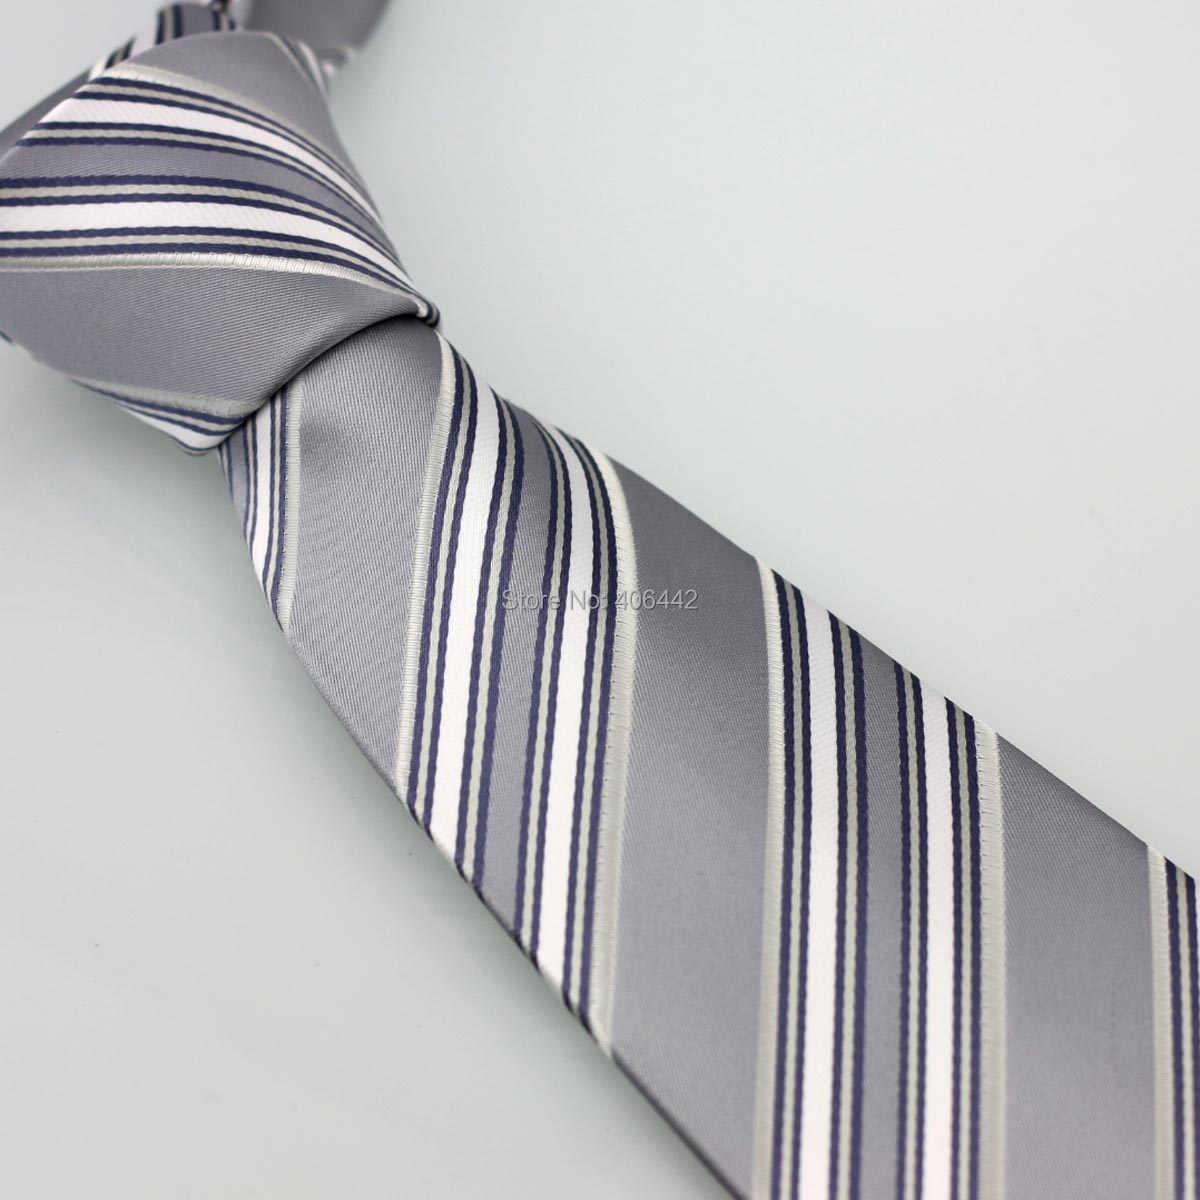 Coachella pria Abu-abu Dengan Putih Diagonal Stripes Jacquard Woven Dasi Formal Neck Tie untuk pria kemeja Pernikahan